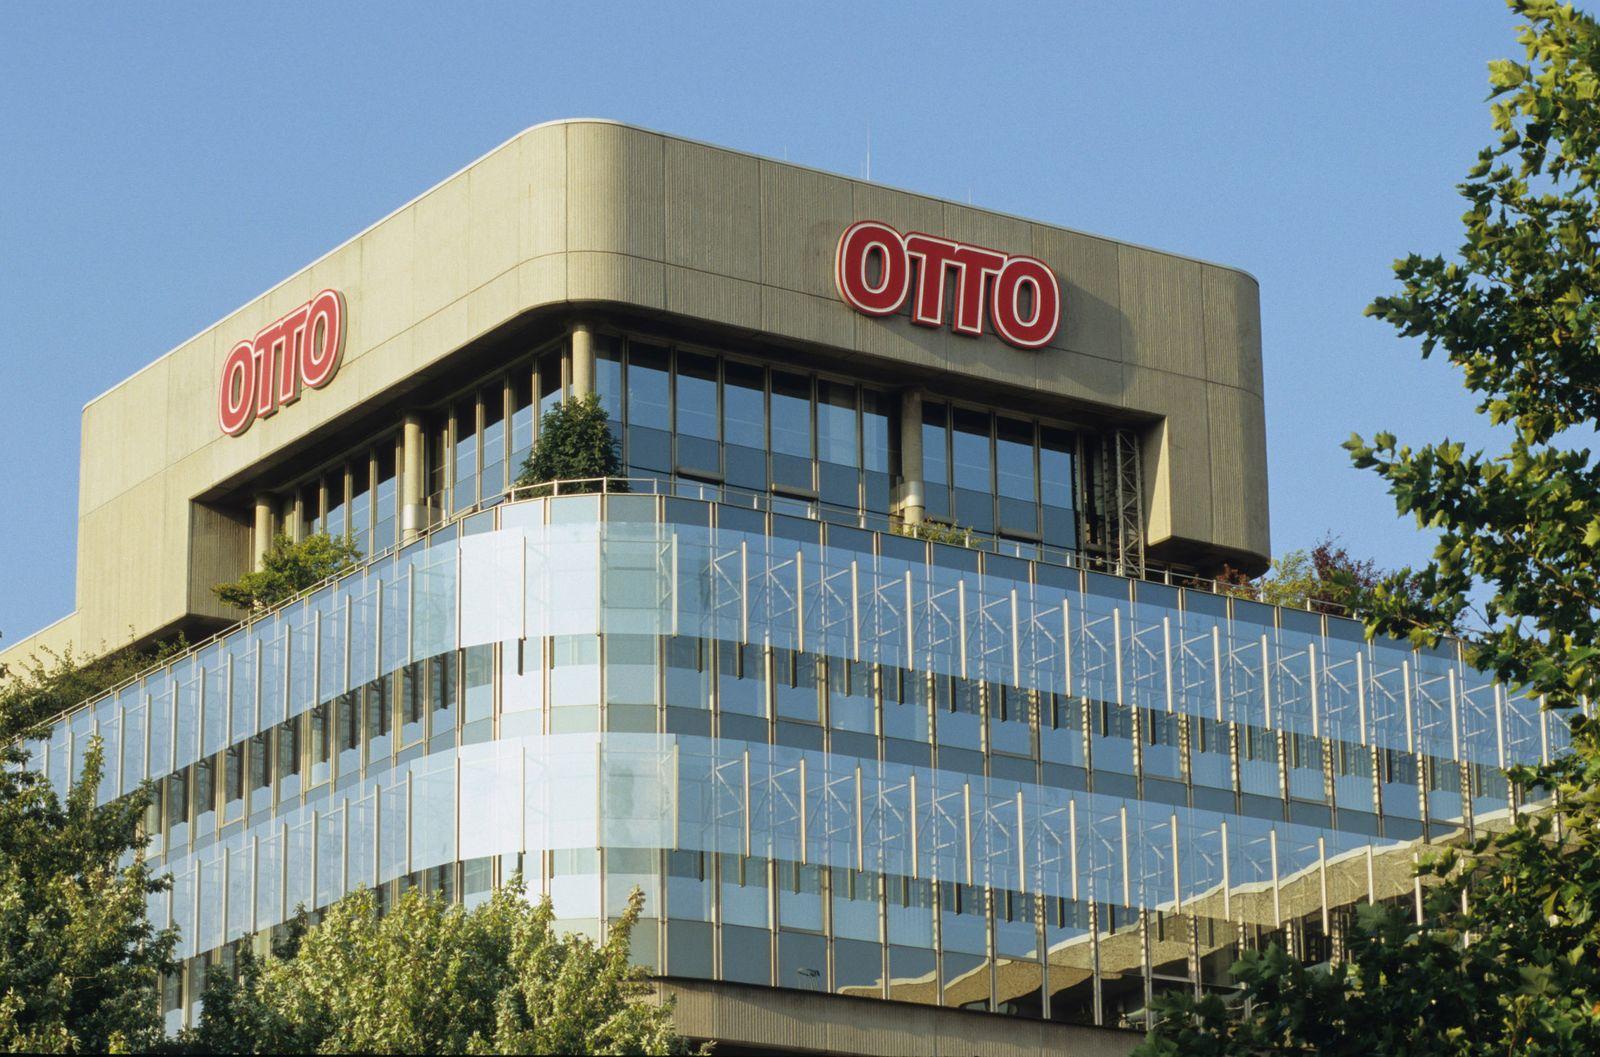 Hauptverwaltung otto group